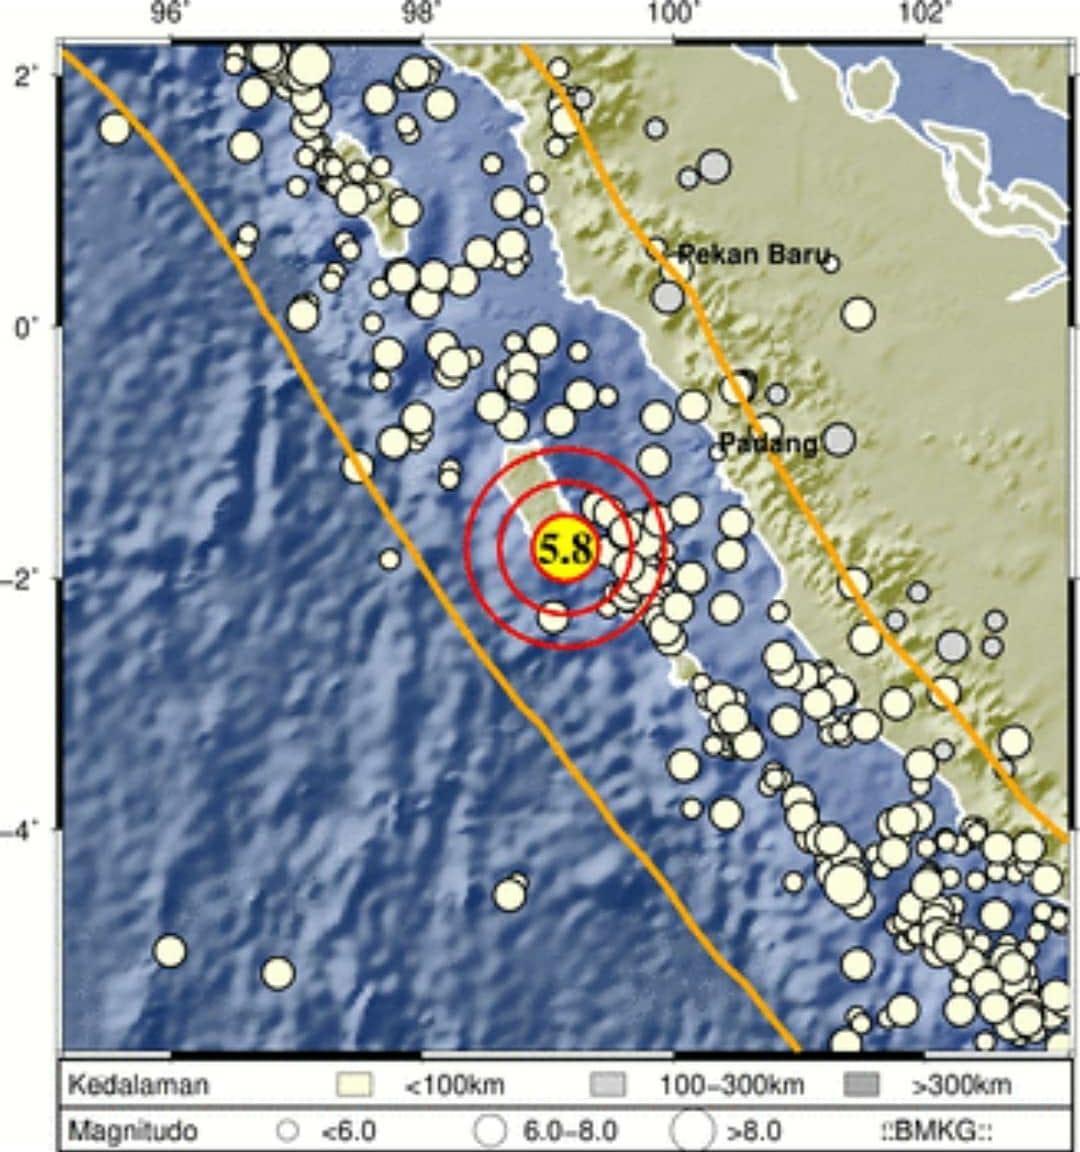 Gempa Bumi Berskala 5,8 Mangnitudo Menguncang Sumatera Barat